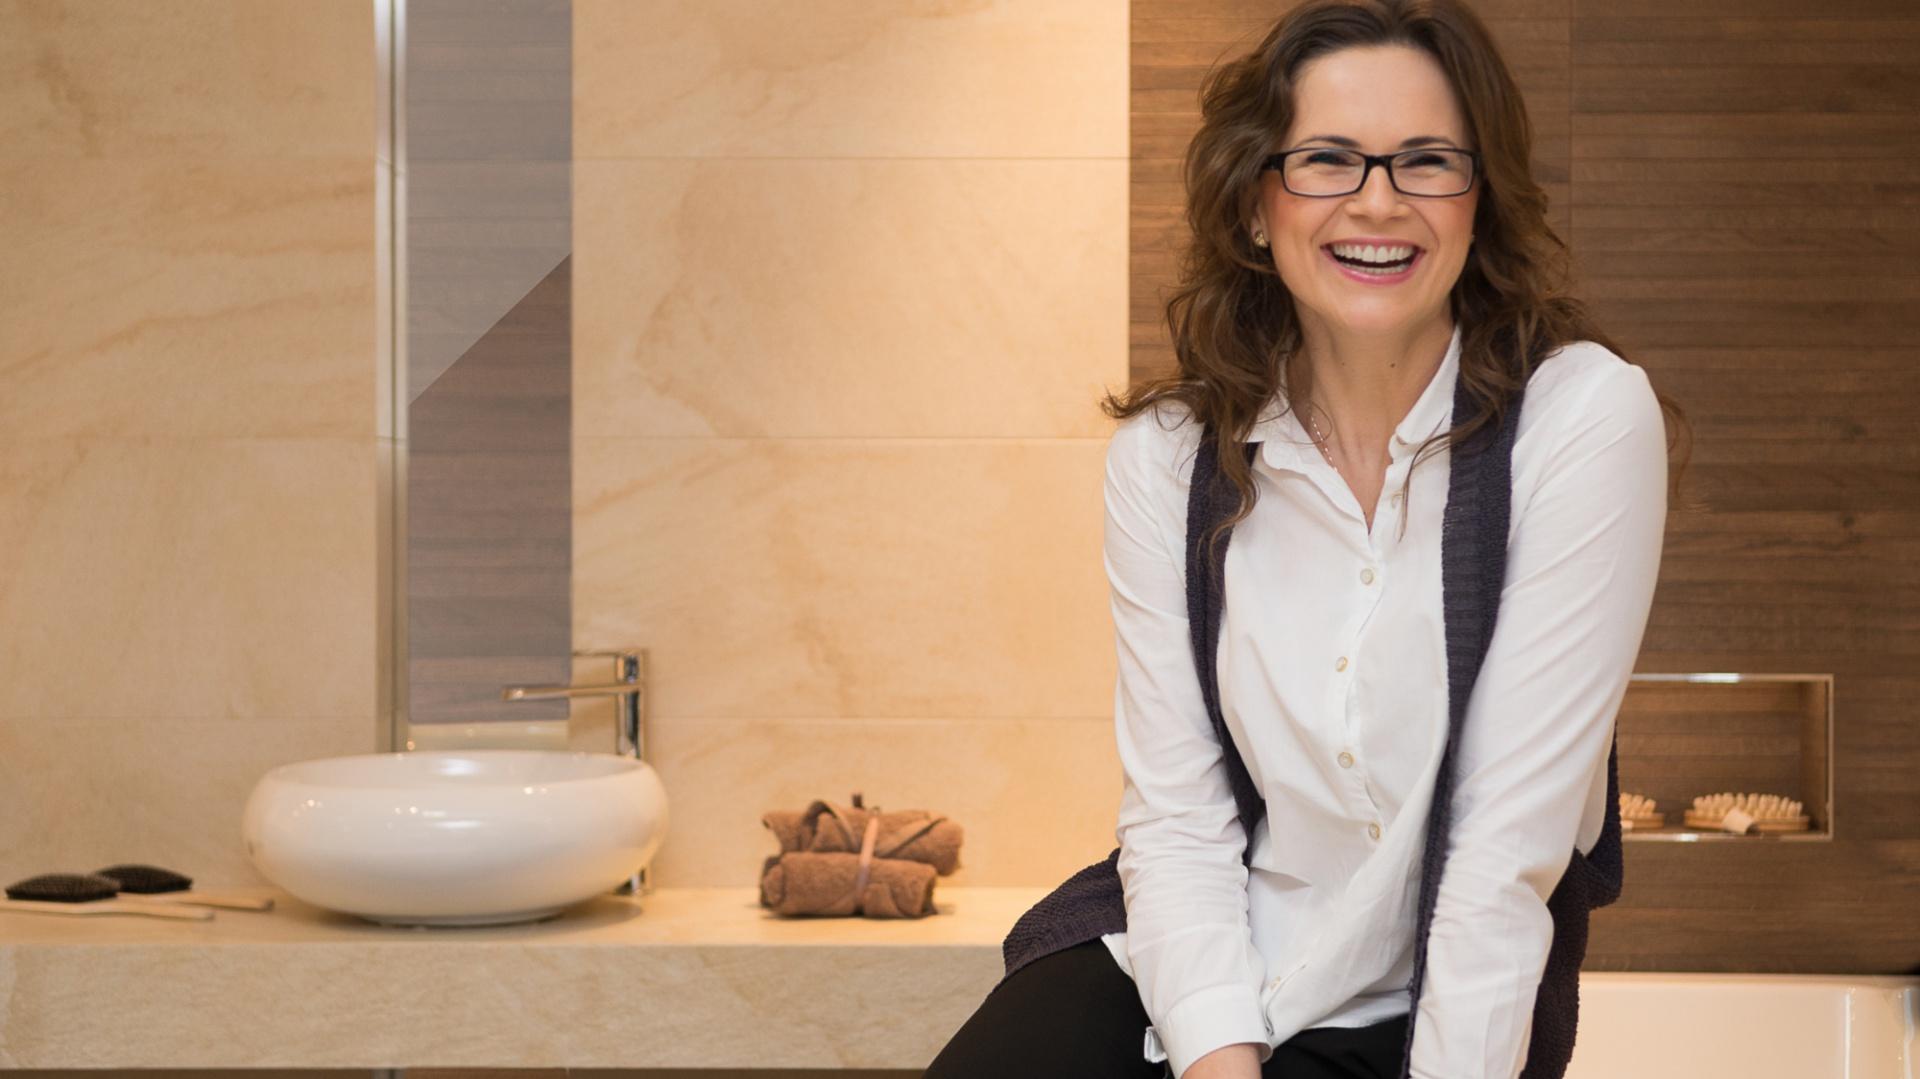 Za przebieg i efekty metamorfozy domu, odpowiedzialna była projektantka Agnieszka Liniewska-Baran. Fot. Max-Fliz